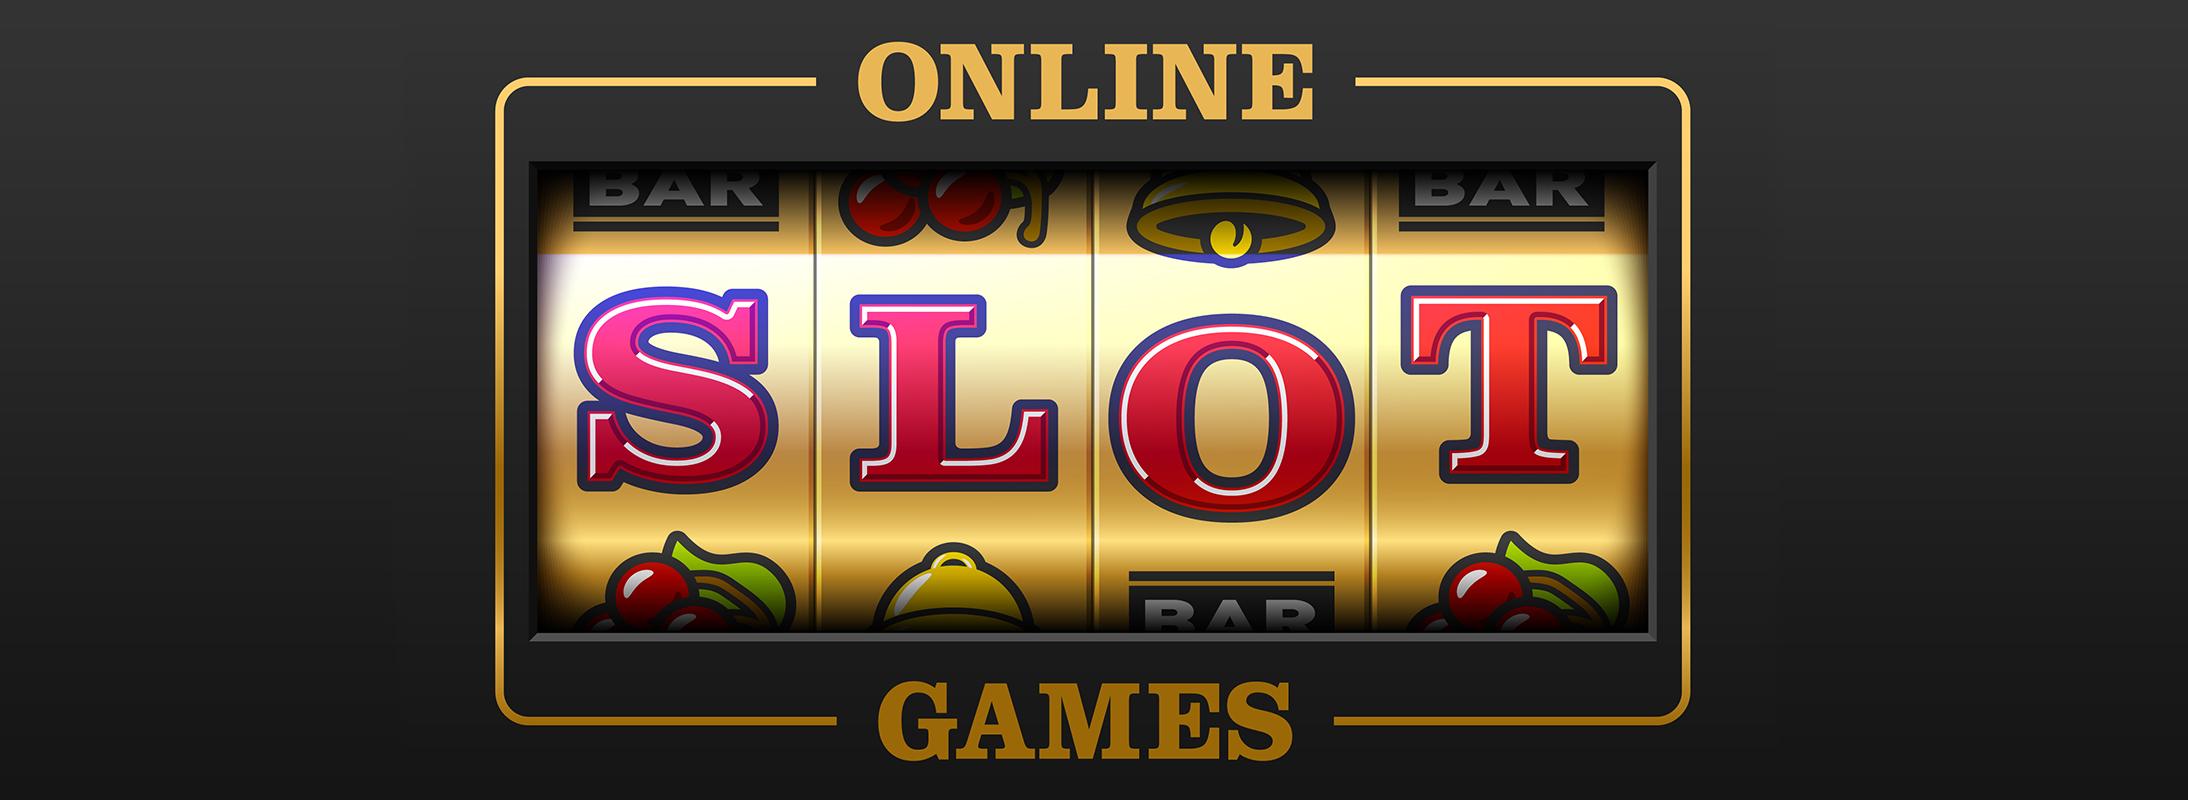 Sådan spiller man slots - komplet guide til nybegyndere element03 - CasinoTop